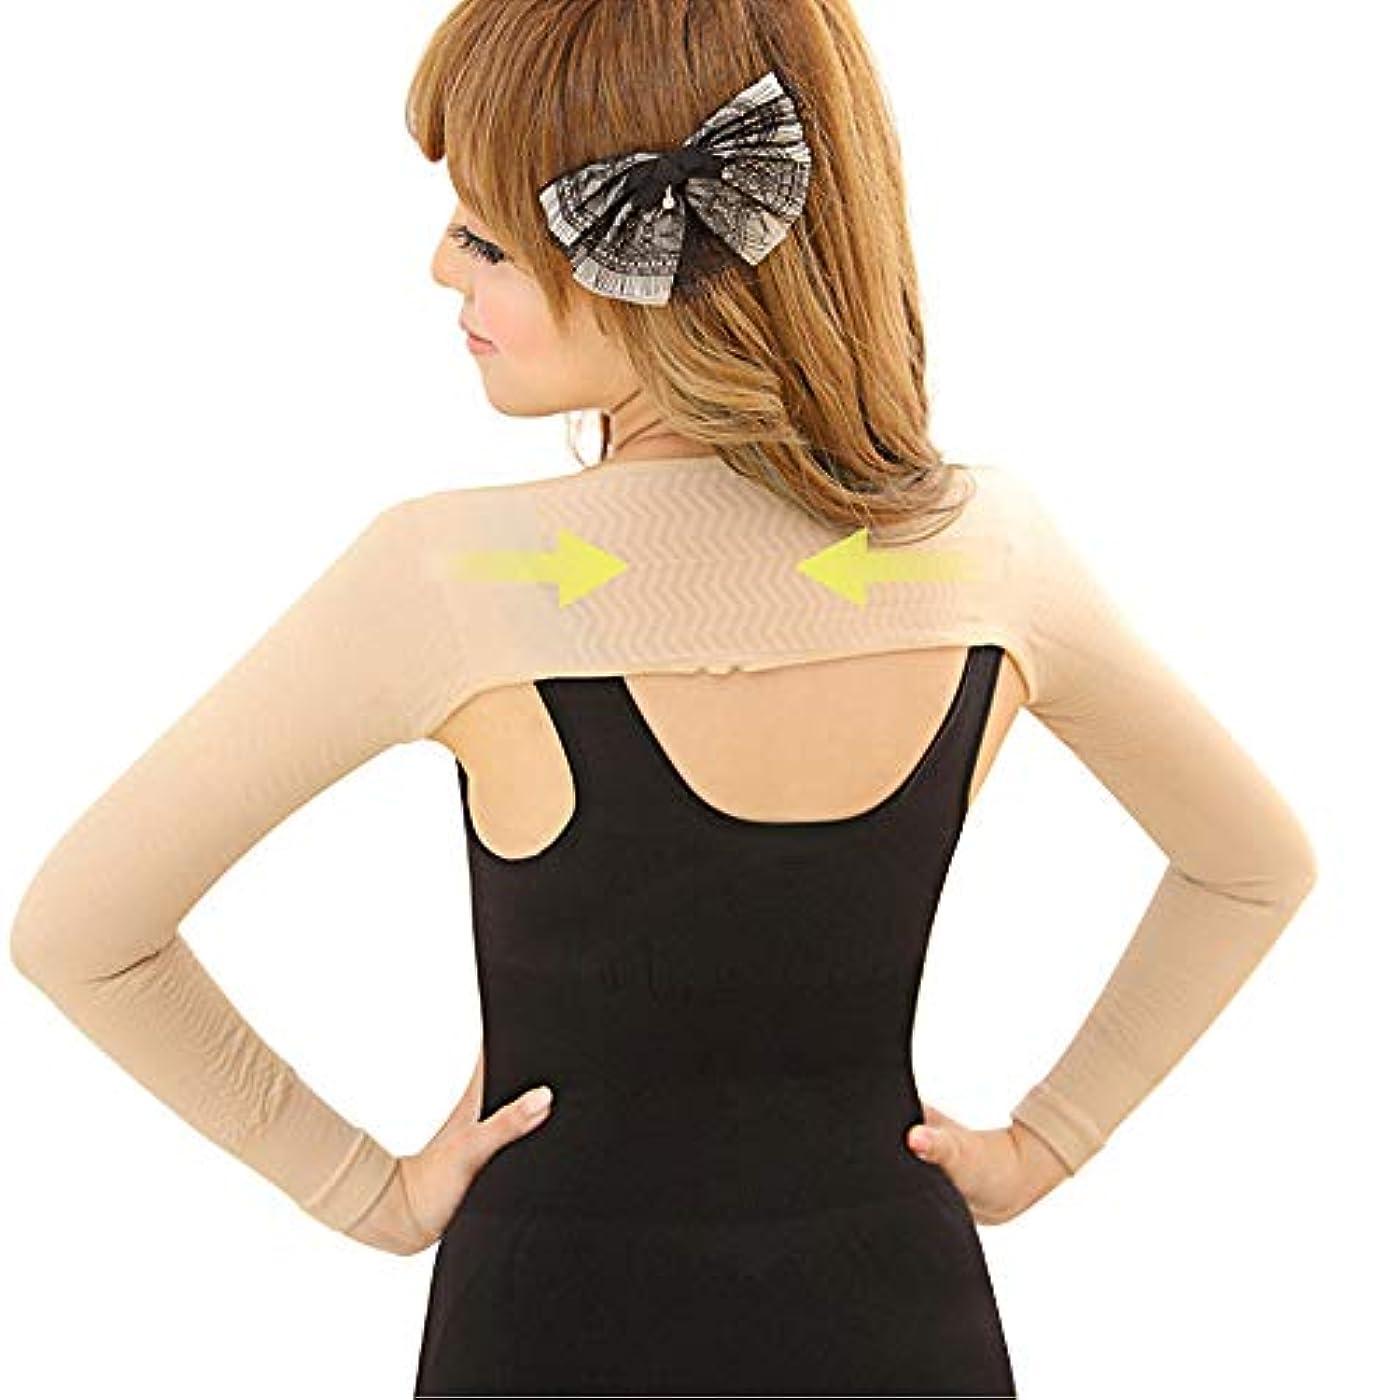 予定然としたミュウミュウ実用服飾専門店 送料無料 姿勢矯正 二の腕シェイプケア 背筋矯正 肩サポーター 補正下着 二の腕痩せシェイパー姿勢 インナー 女性 (ベージュ)